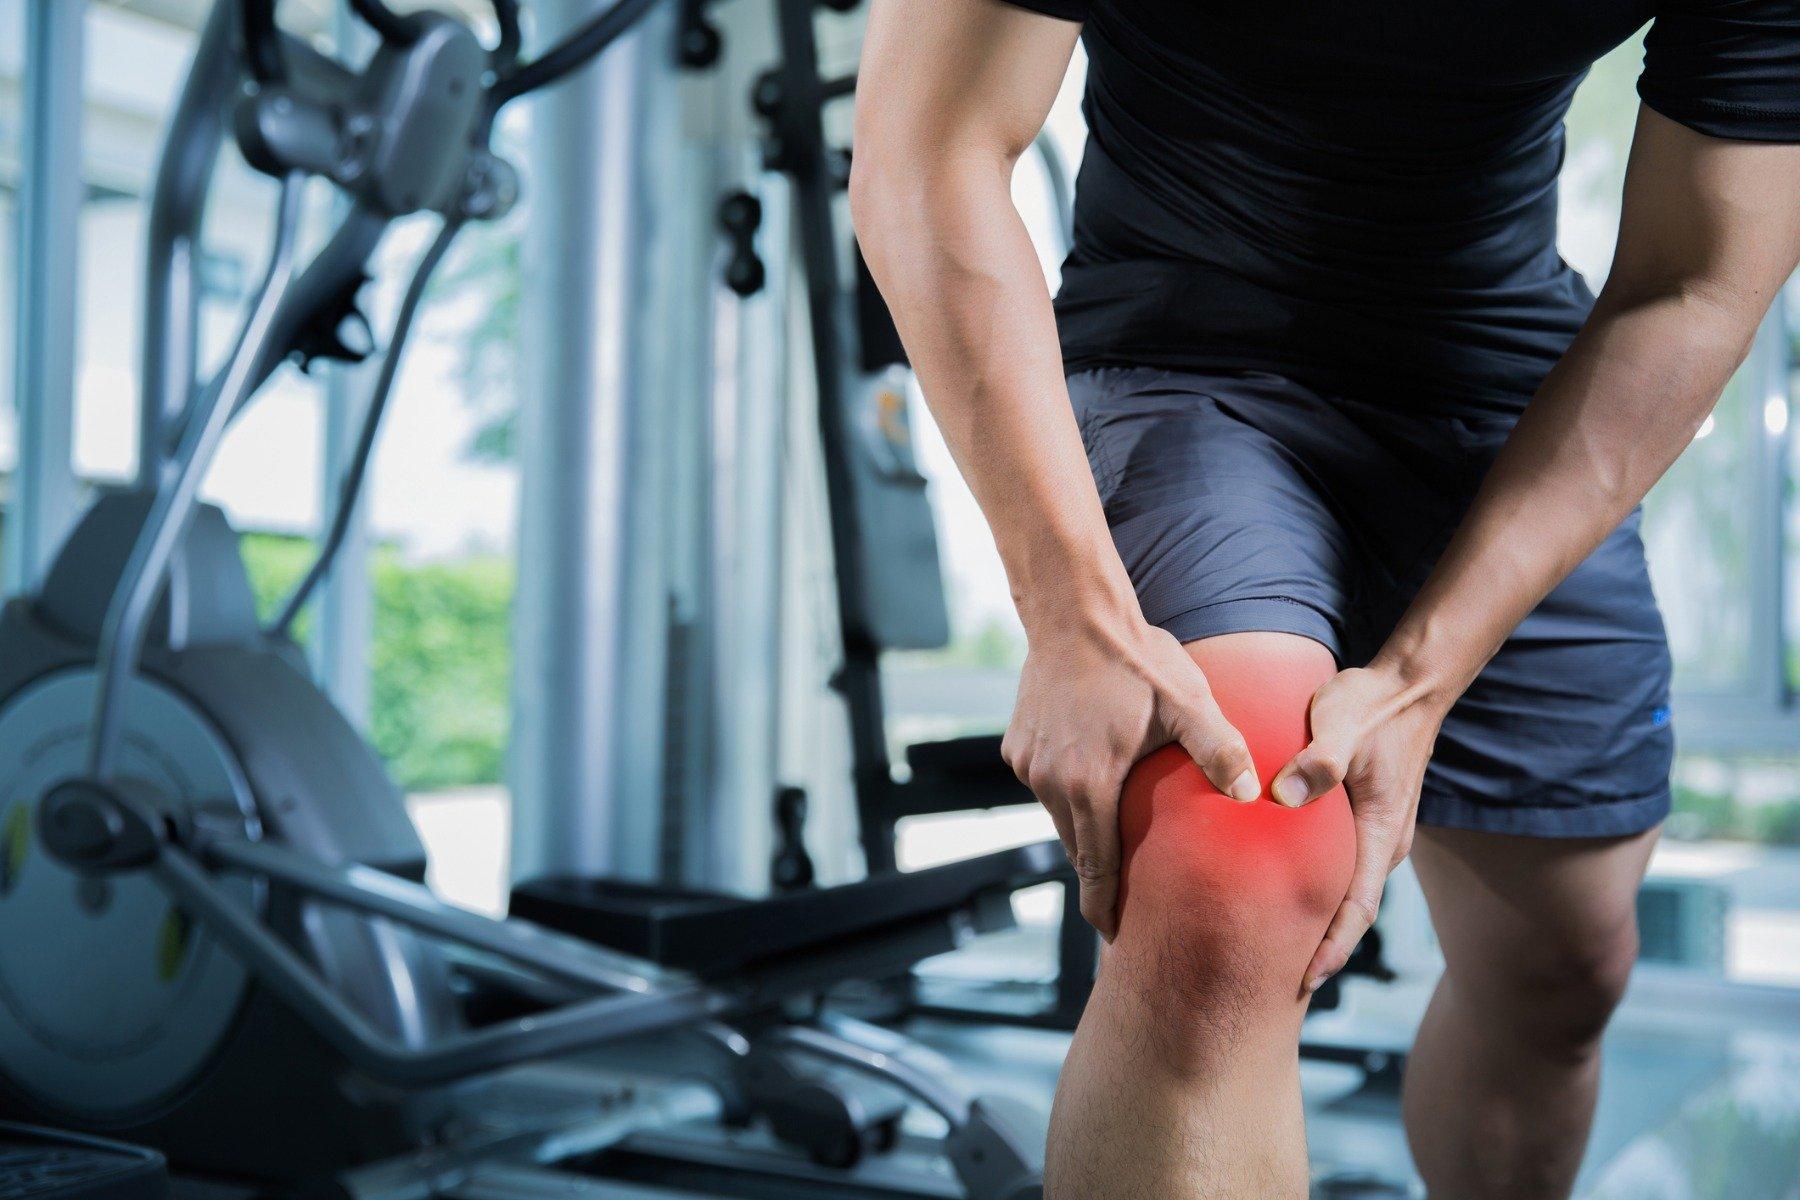 ízületi sinusitis kezelés ízületek futó fájdalma a láb ízületeiben